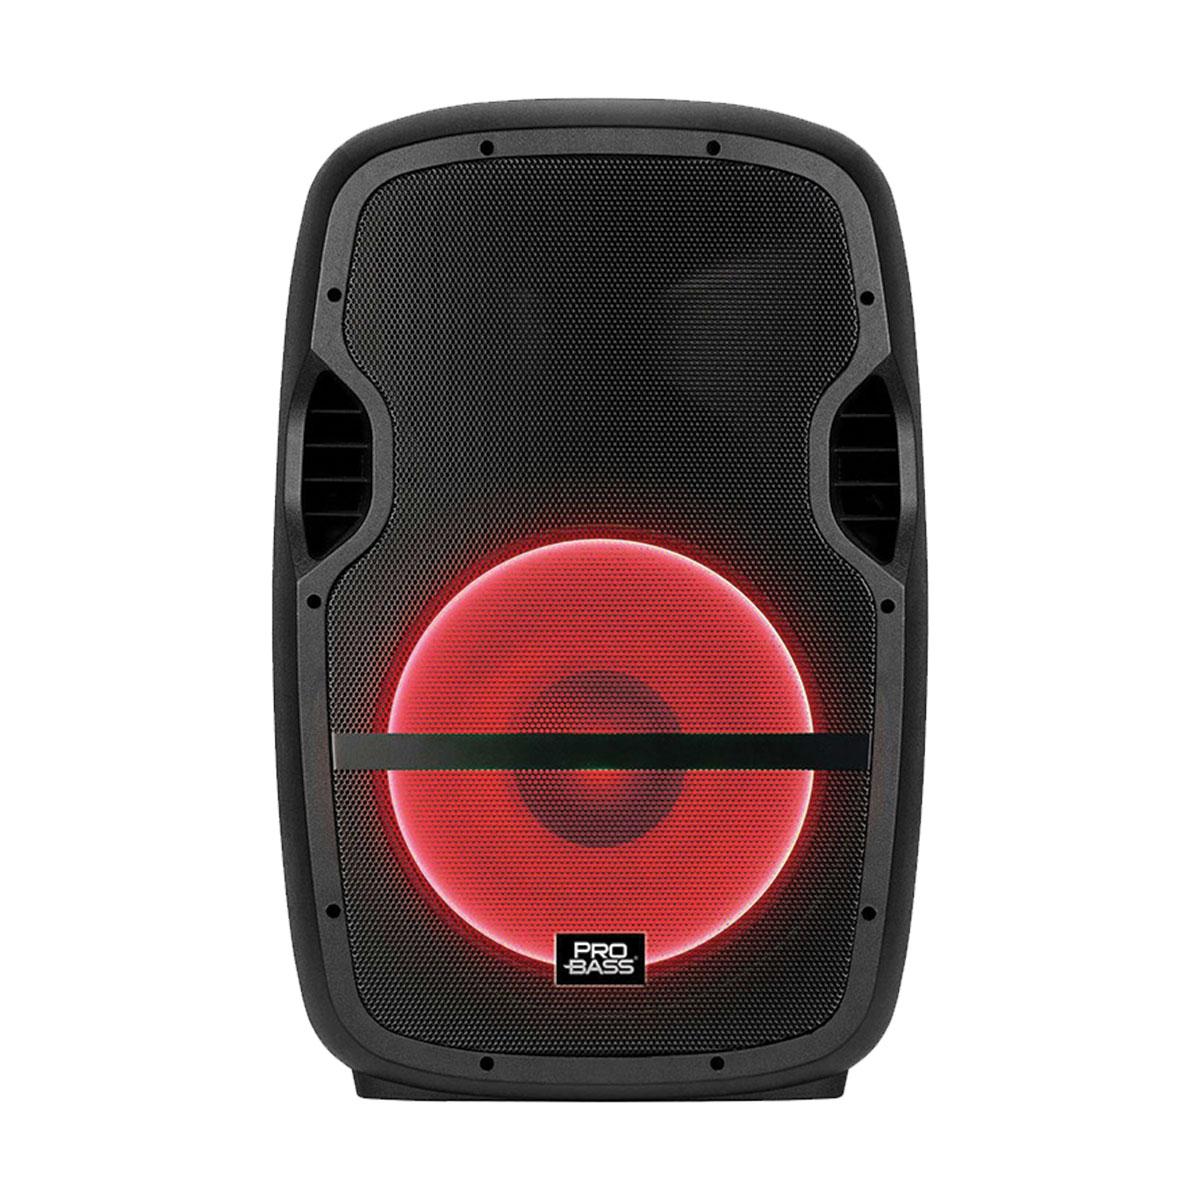 """CAIXA AMPLIFICADA ELEVATE LP USB/SD/BT 15"""""""" 200W, ACOMPANHA SUPORTE, MICROFONE COM FIO, CONTROLE REMOTO, LED  - Audio Video & cia"""